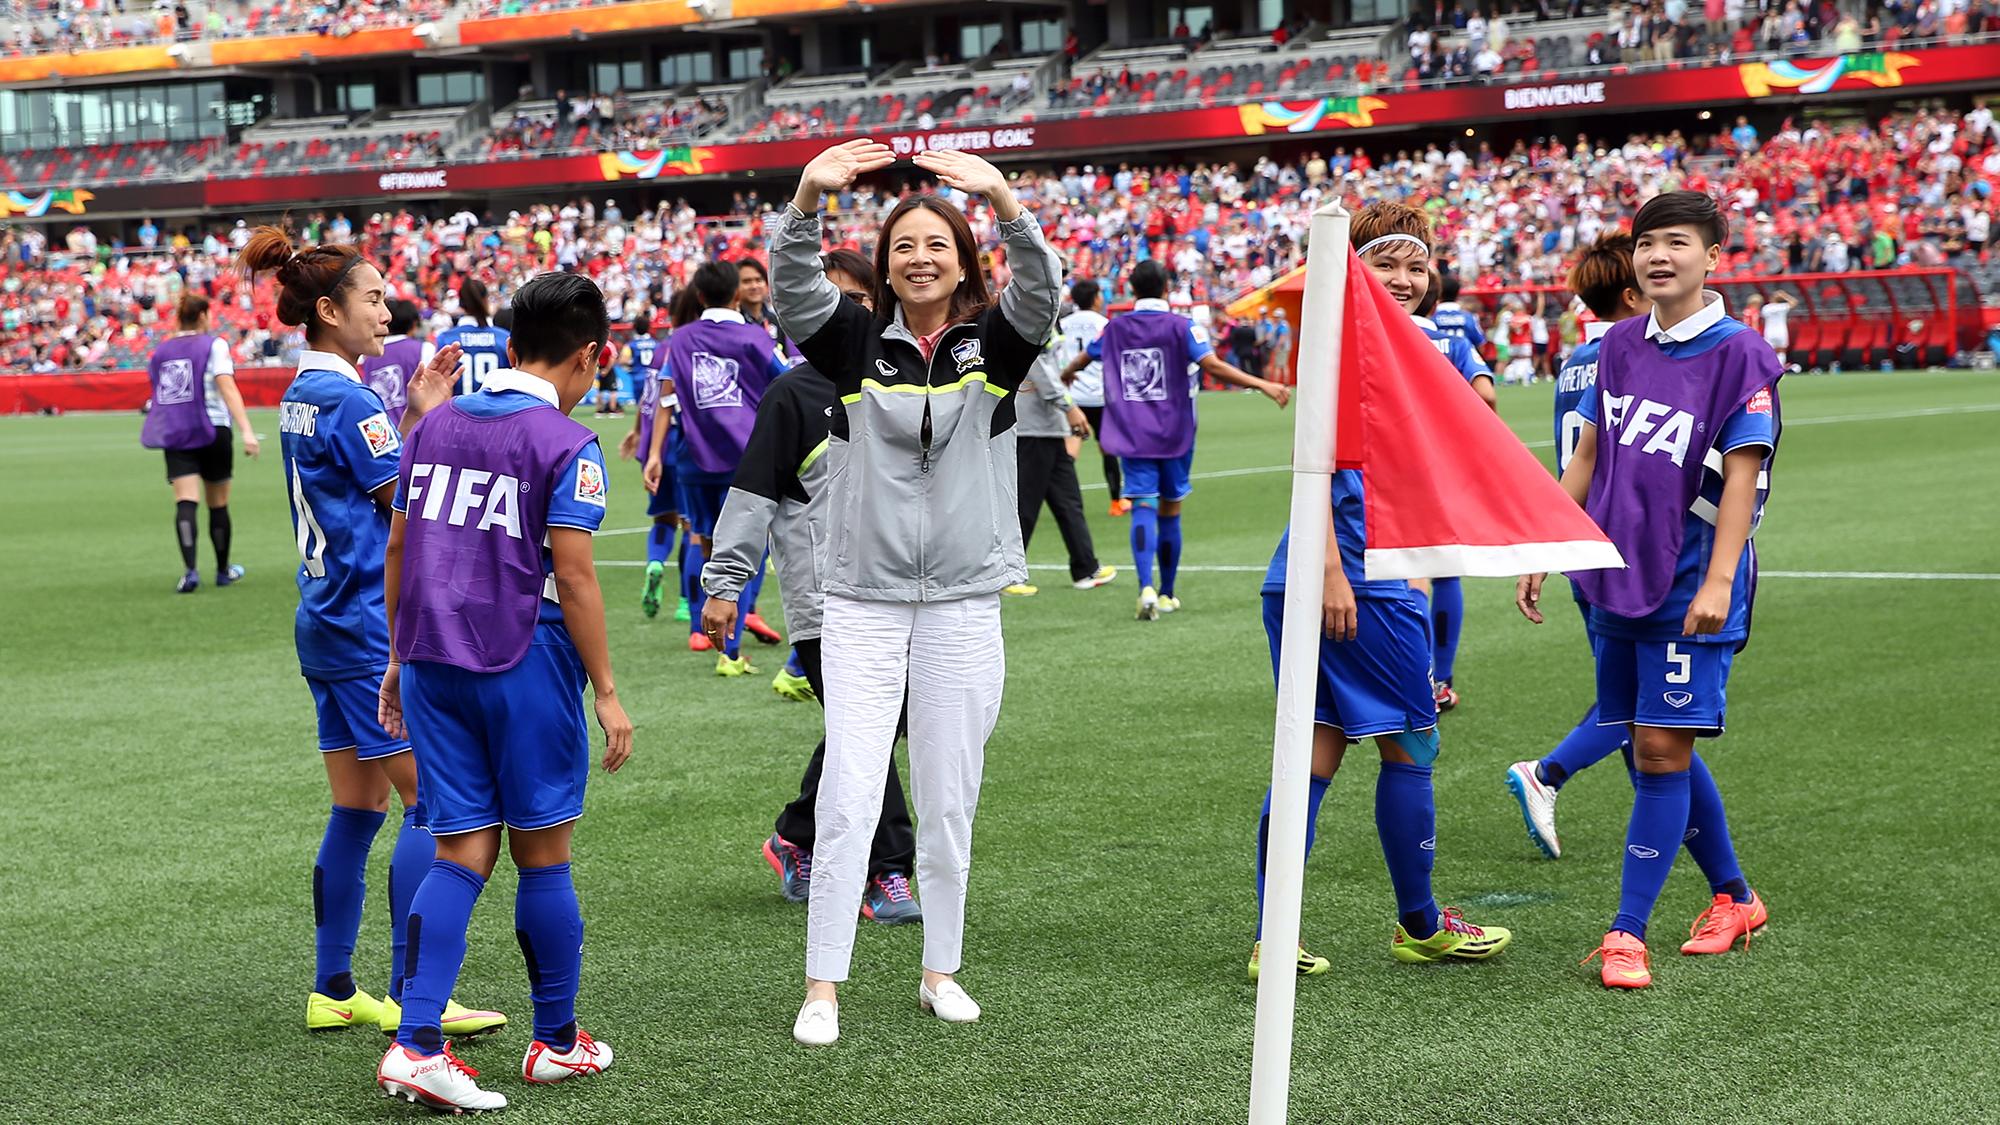 นวลพรรณ ล่ำซำ ฟุตบอลหญิงชิงแชมป์โลก 2019 ฟุตบอลหญิงทีมชาติไทย มาดามแป้ง